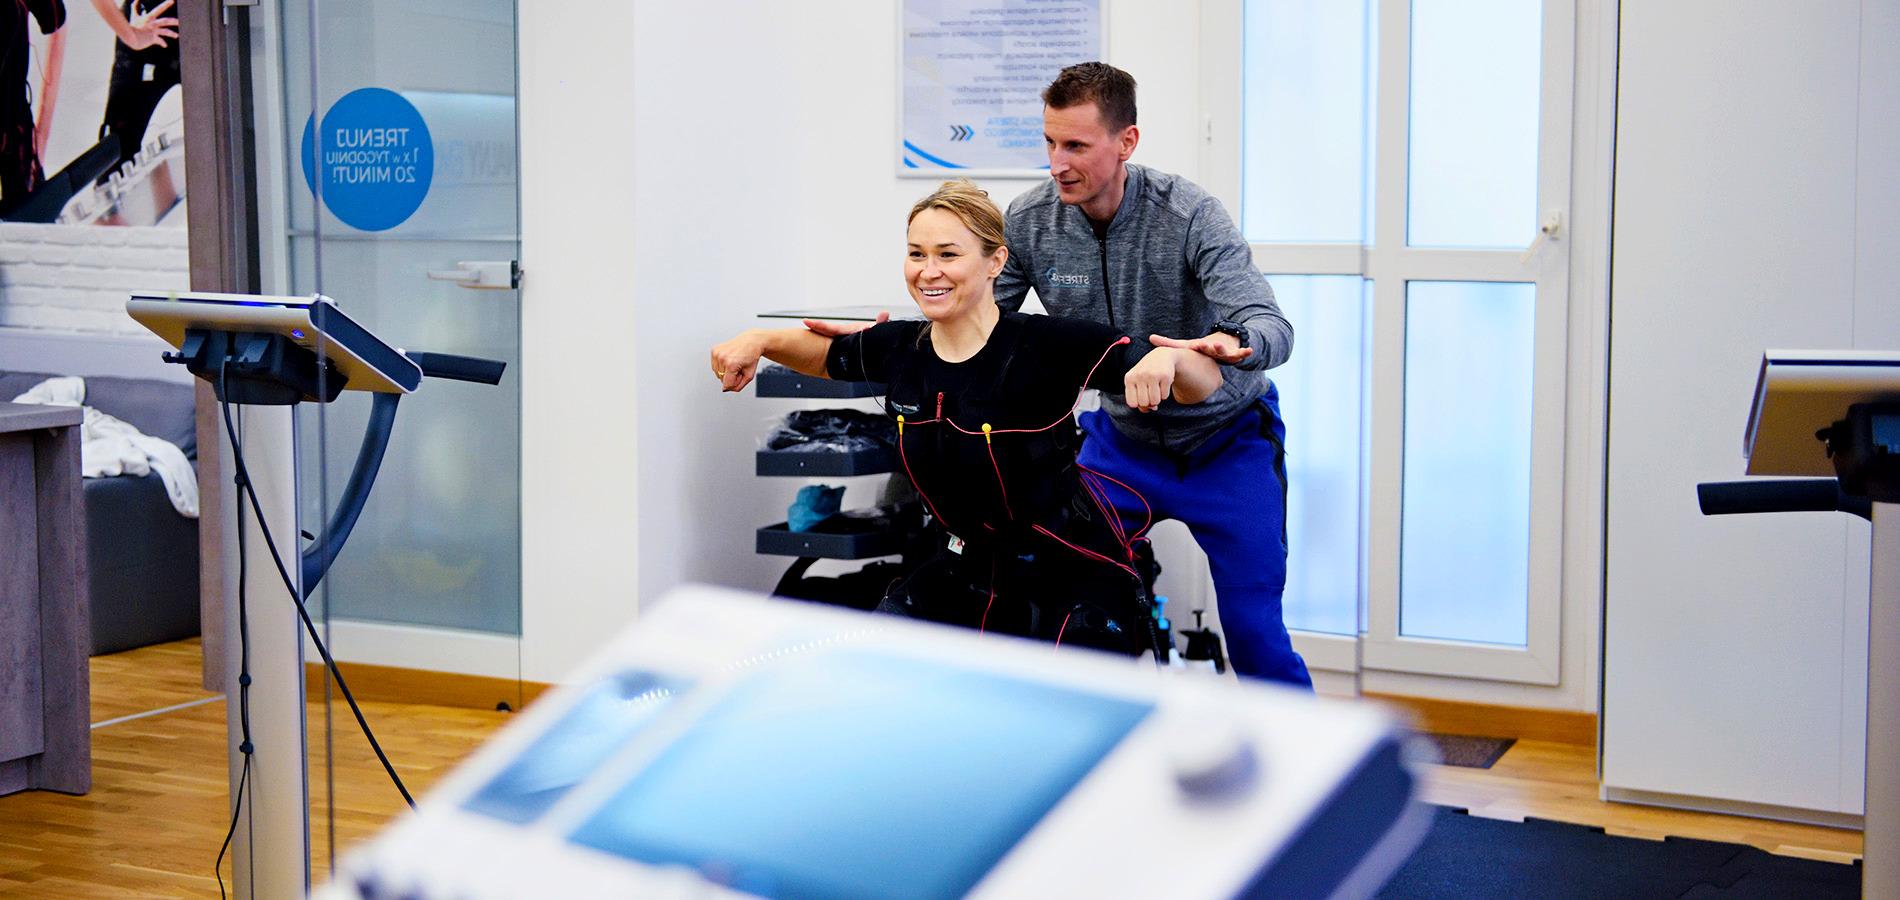 pod stałą opieką trenera, korekcja postawy i pomoc przy prawidłowym wykonywaniu ćwiczeń